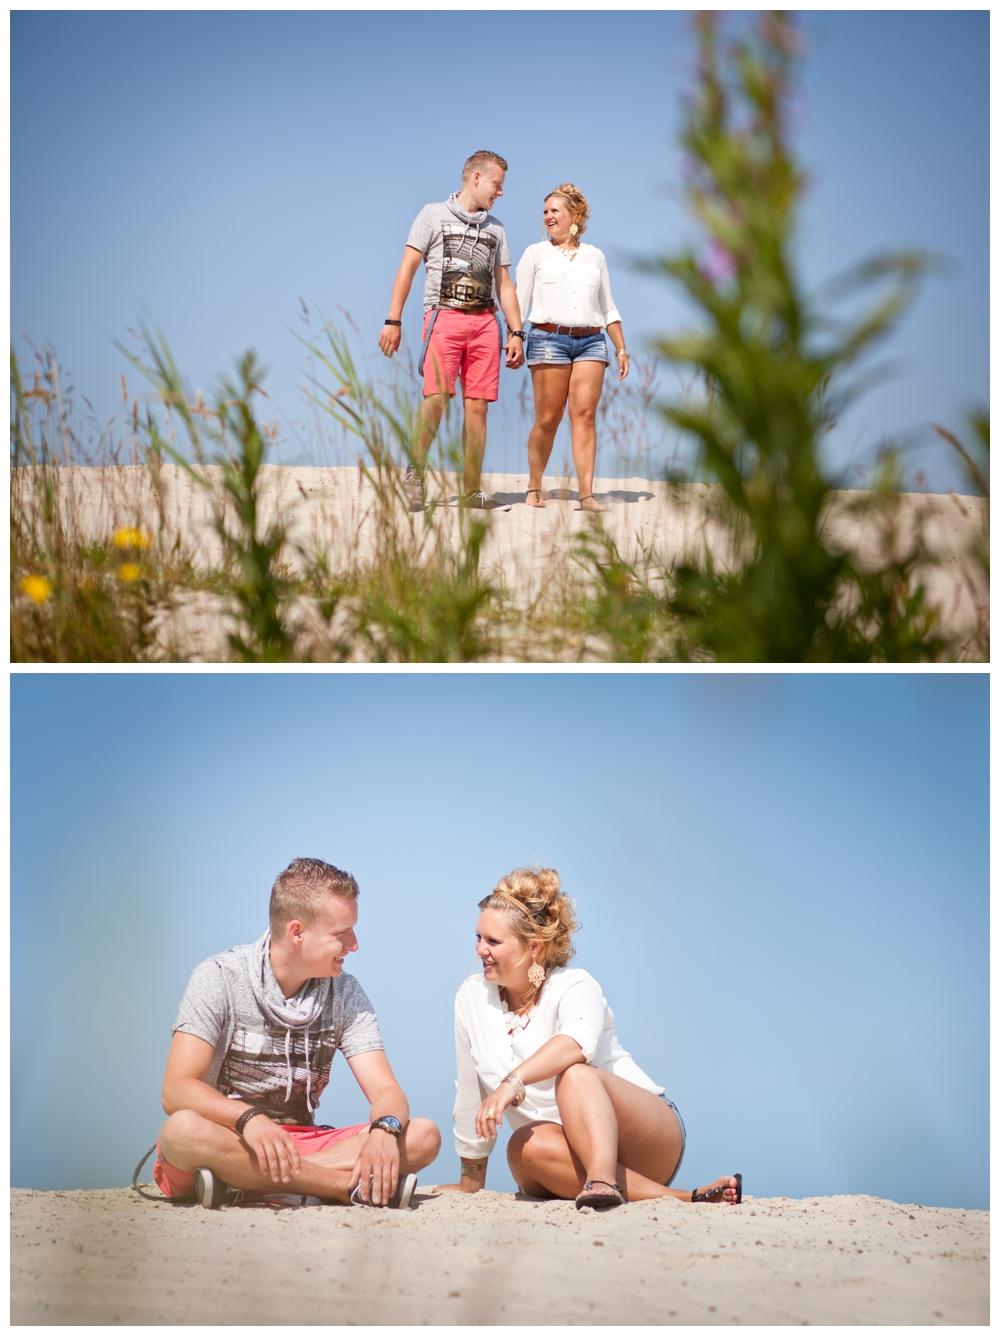 Loveshoot Jaron & Carlien KL51.jpg